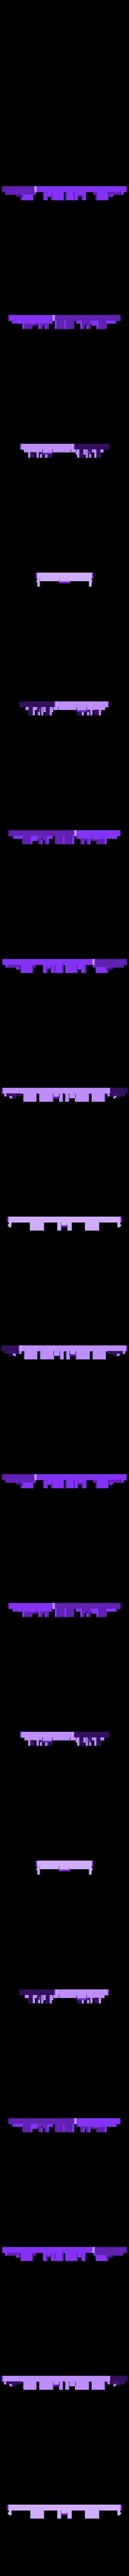 TL-Smoother_enclosure_Lid_V2.stl Télécharger fichier STL gratuit Boîtier TL-Smoother Plus (encore un autre) • Plan pour imprimante 3D, 3DED